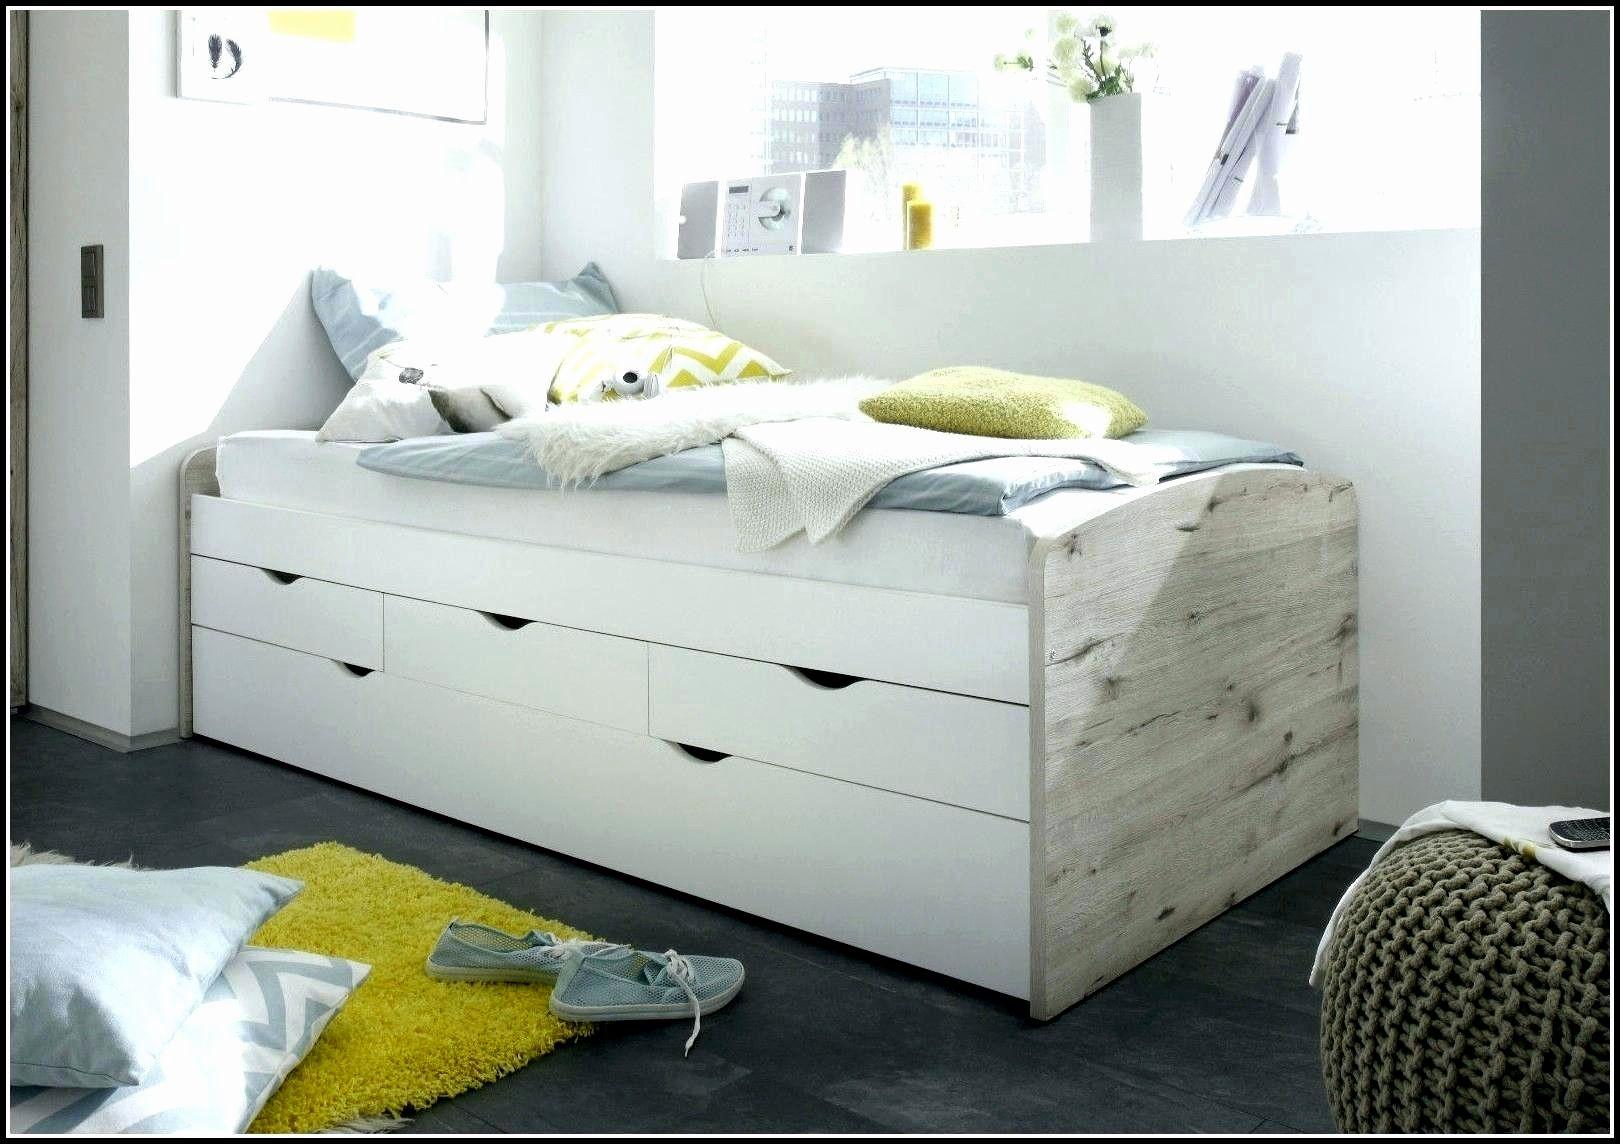 Kinderbett Mit Stauraum Funktionsbett Bett Schlafzimmer Gestalten